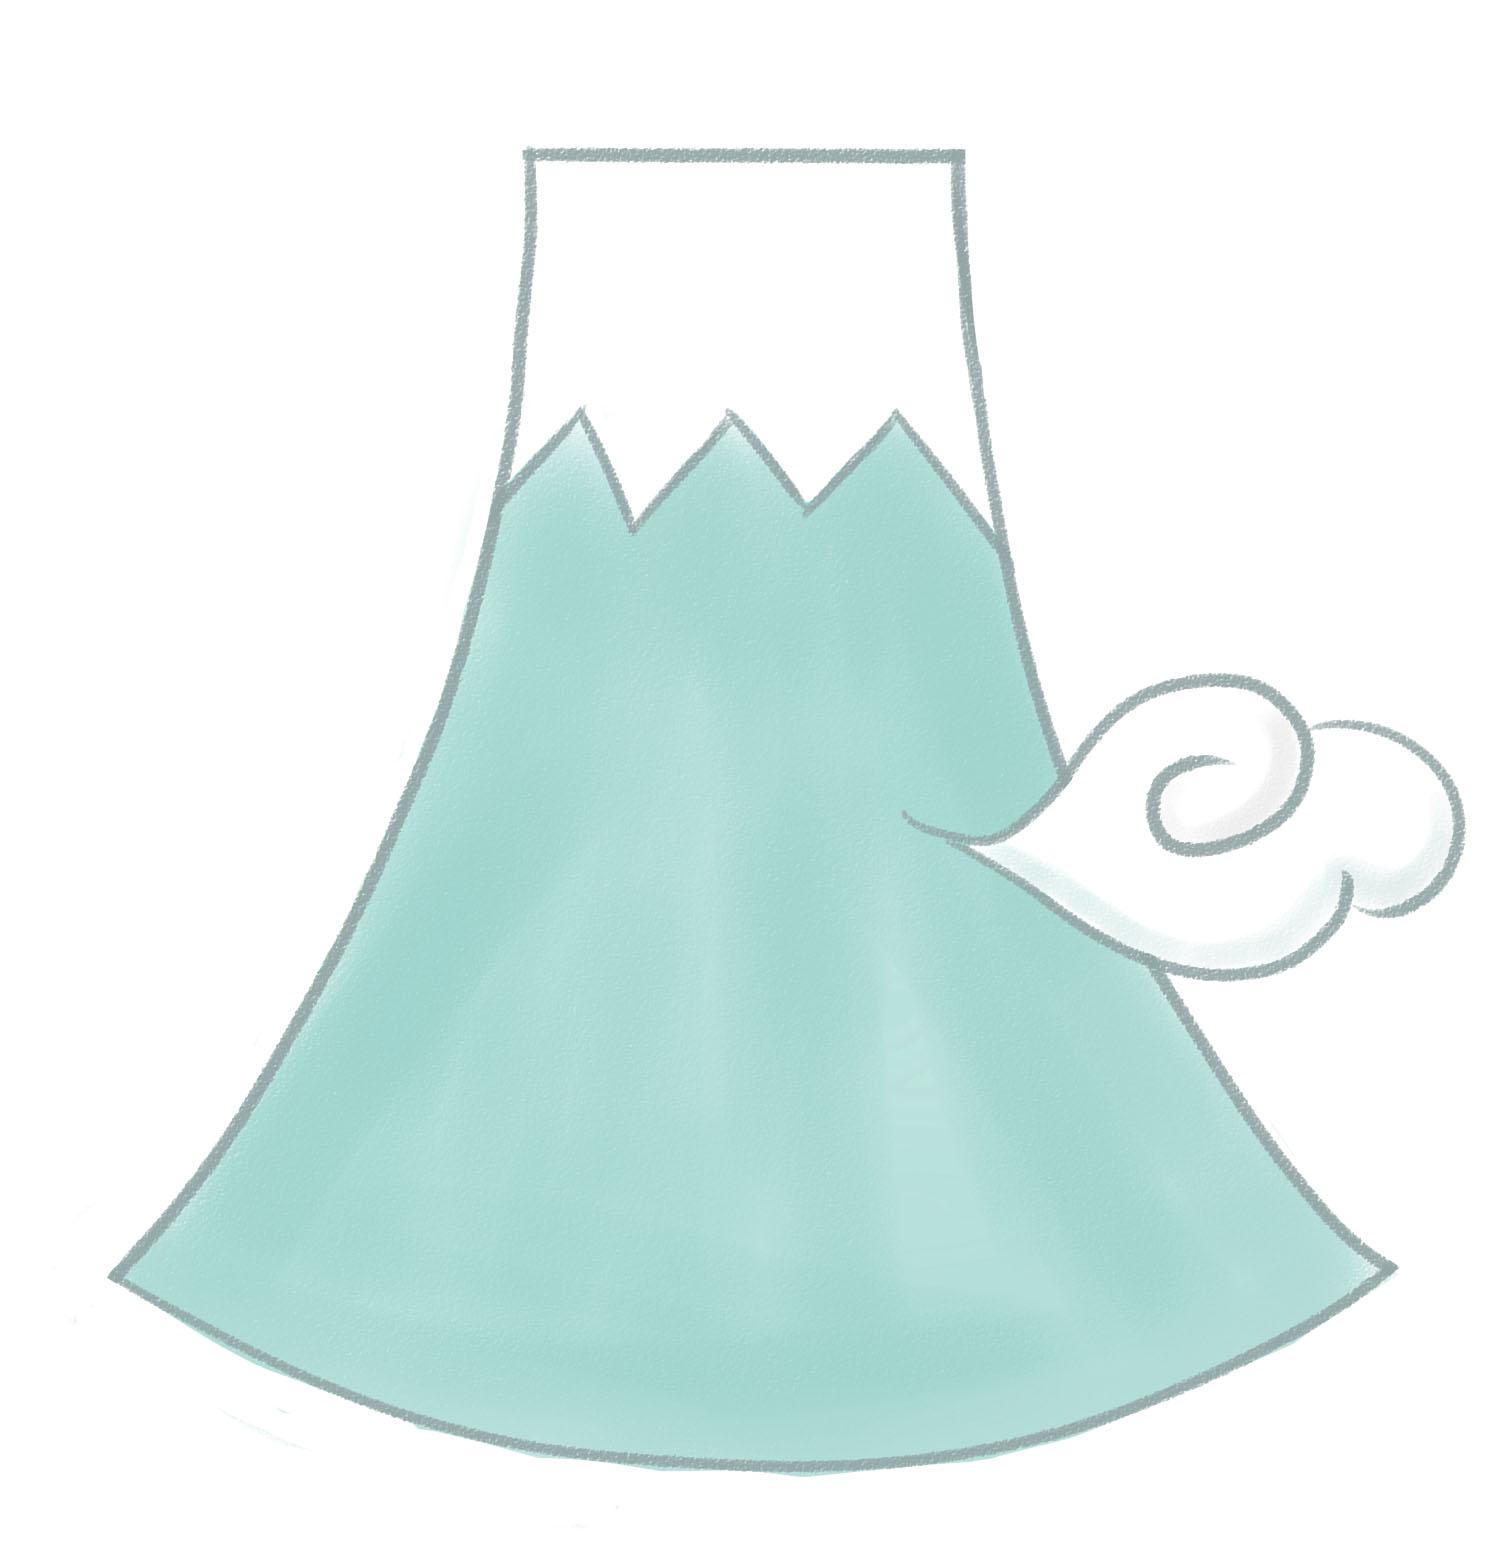 雲をまとった富士山のイラスト ... : 2015 年賀状 ひつじ : 年賀状